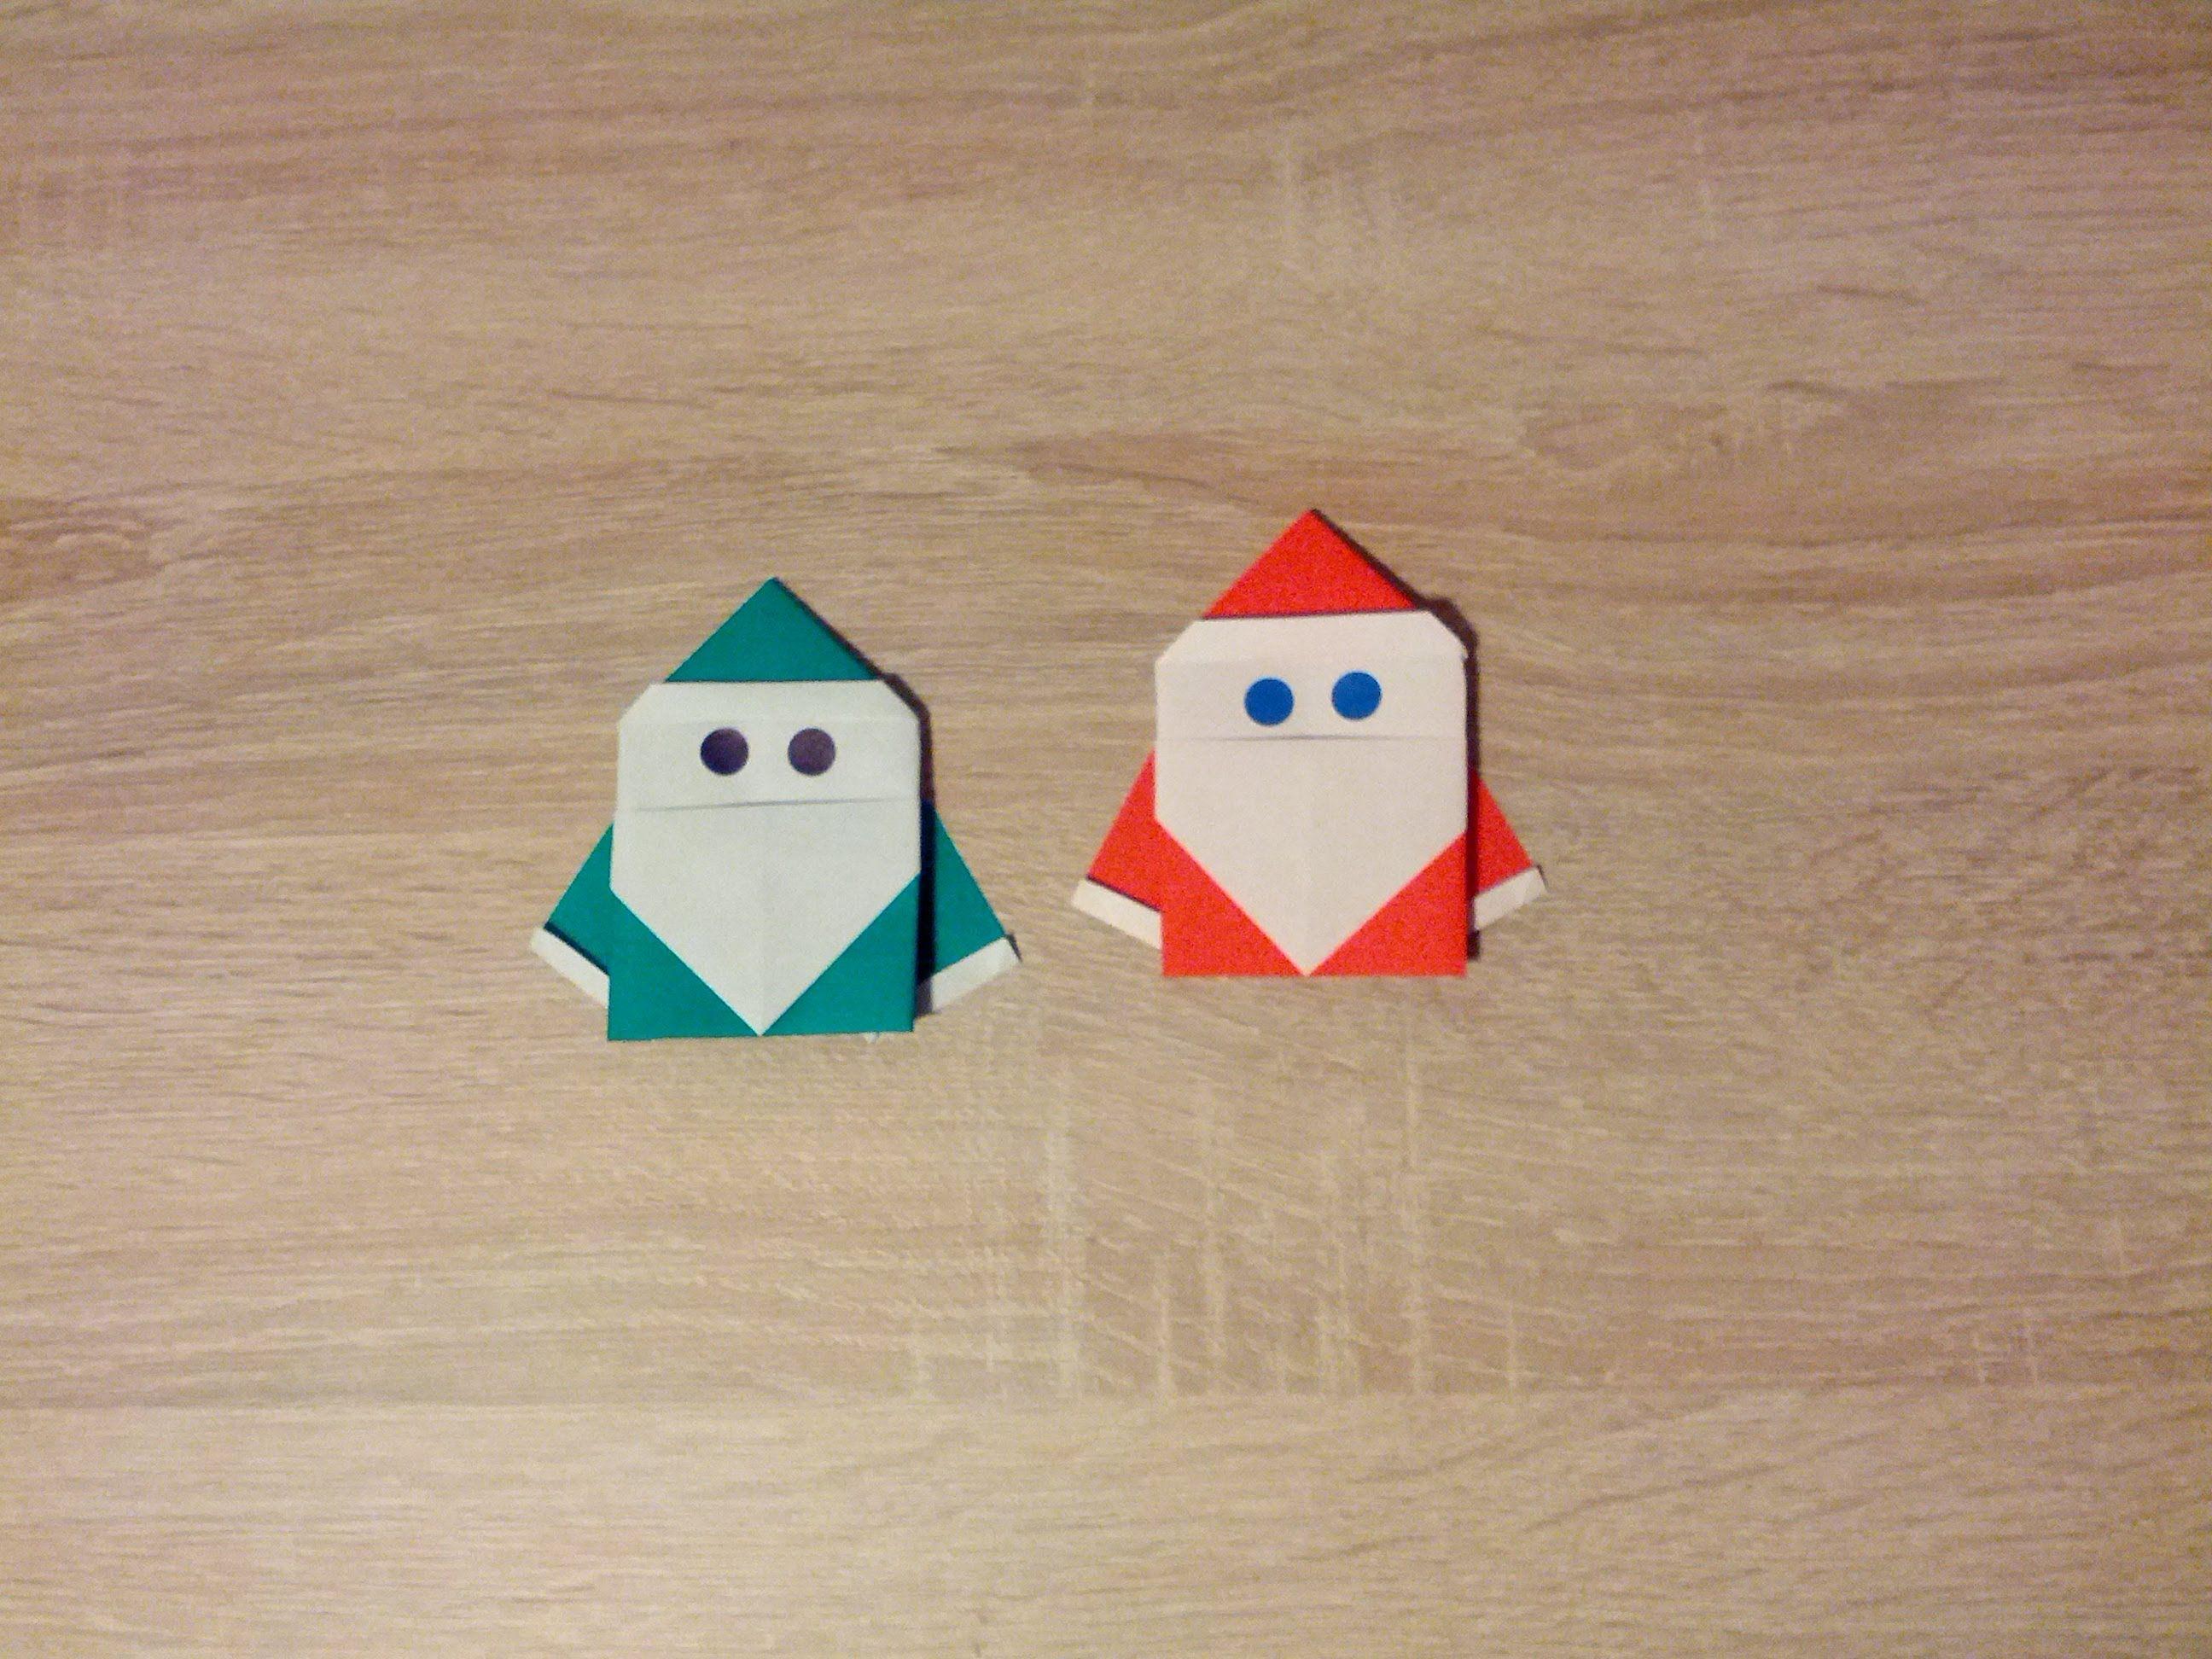 Origami tutorial santa claus model 4 origami tutorial santa claus model 4 jeuxipadfo Image collections